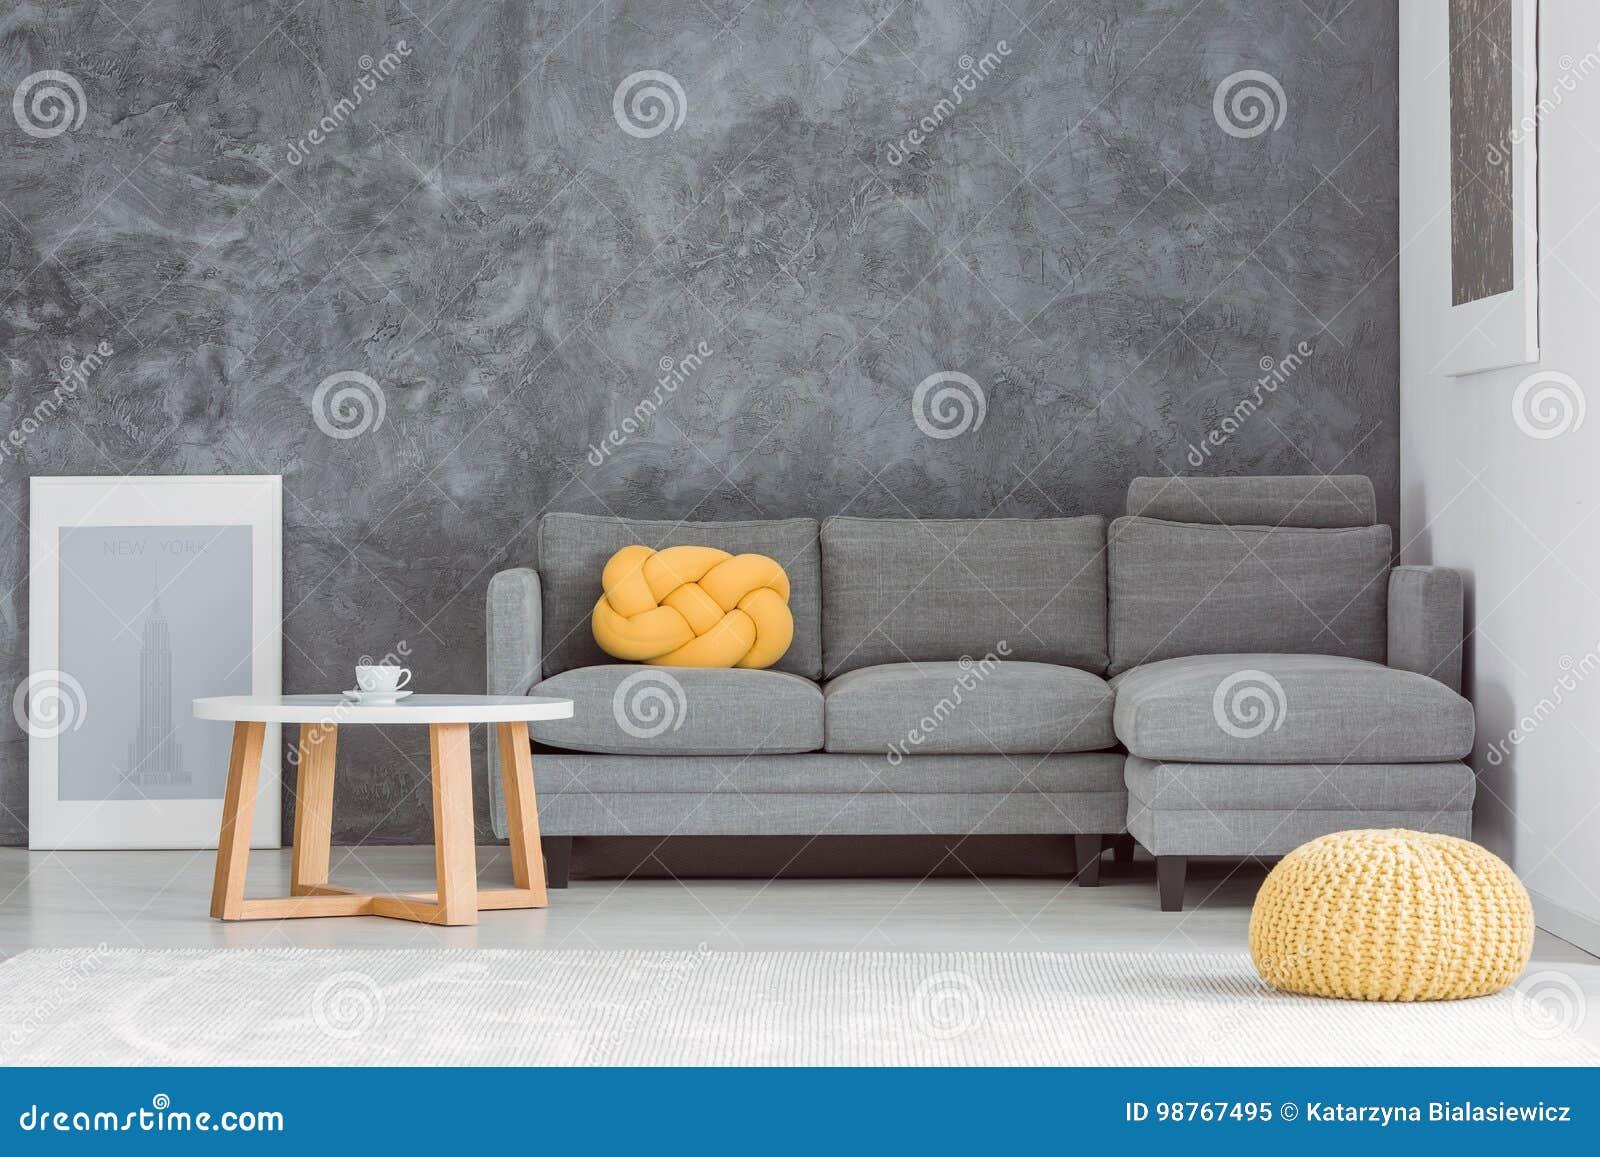 Gele poef in woonkamer stock afbeelding. Afbeelding bestaande uit ...